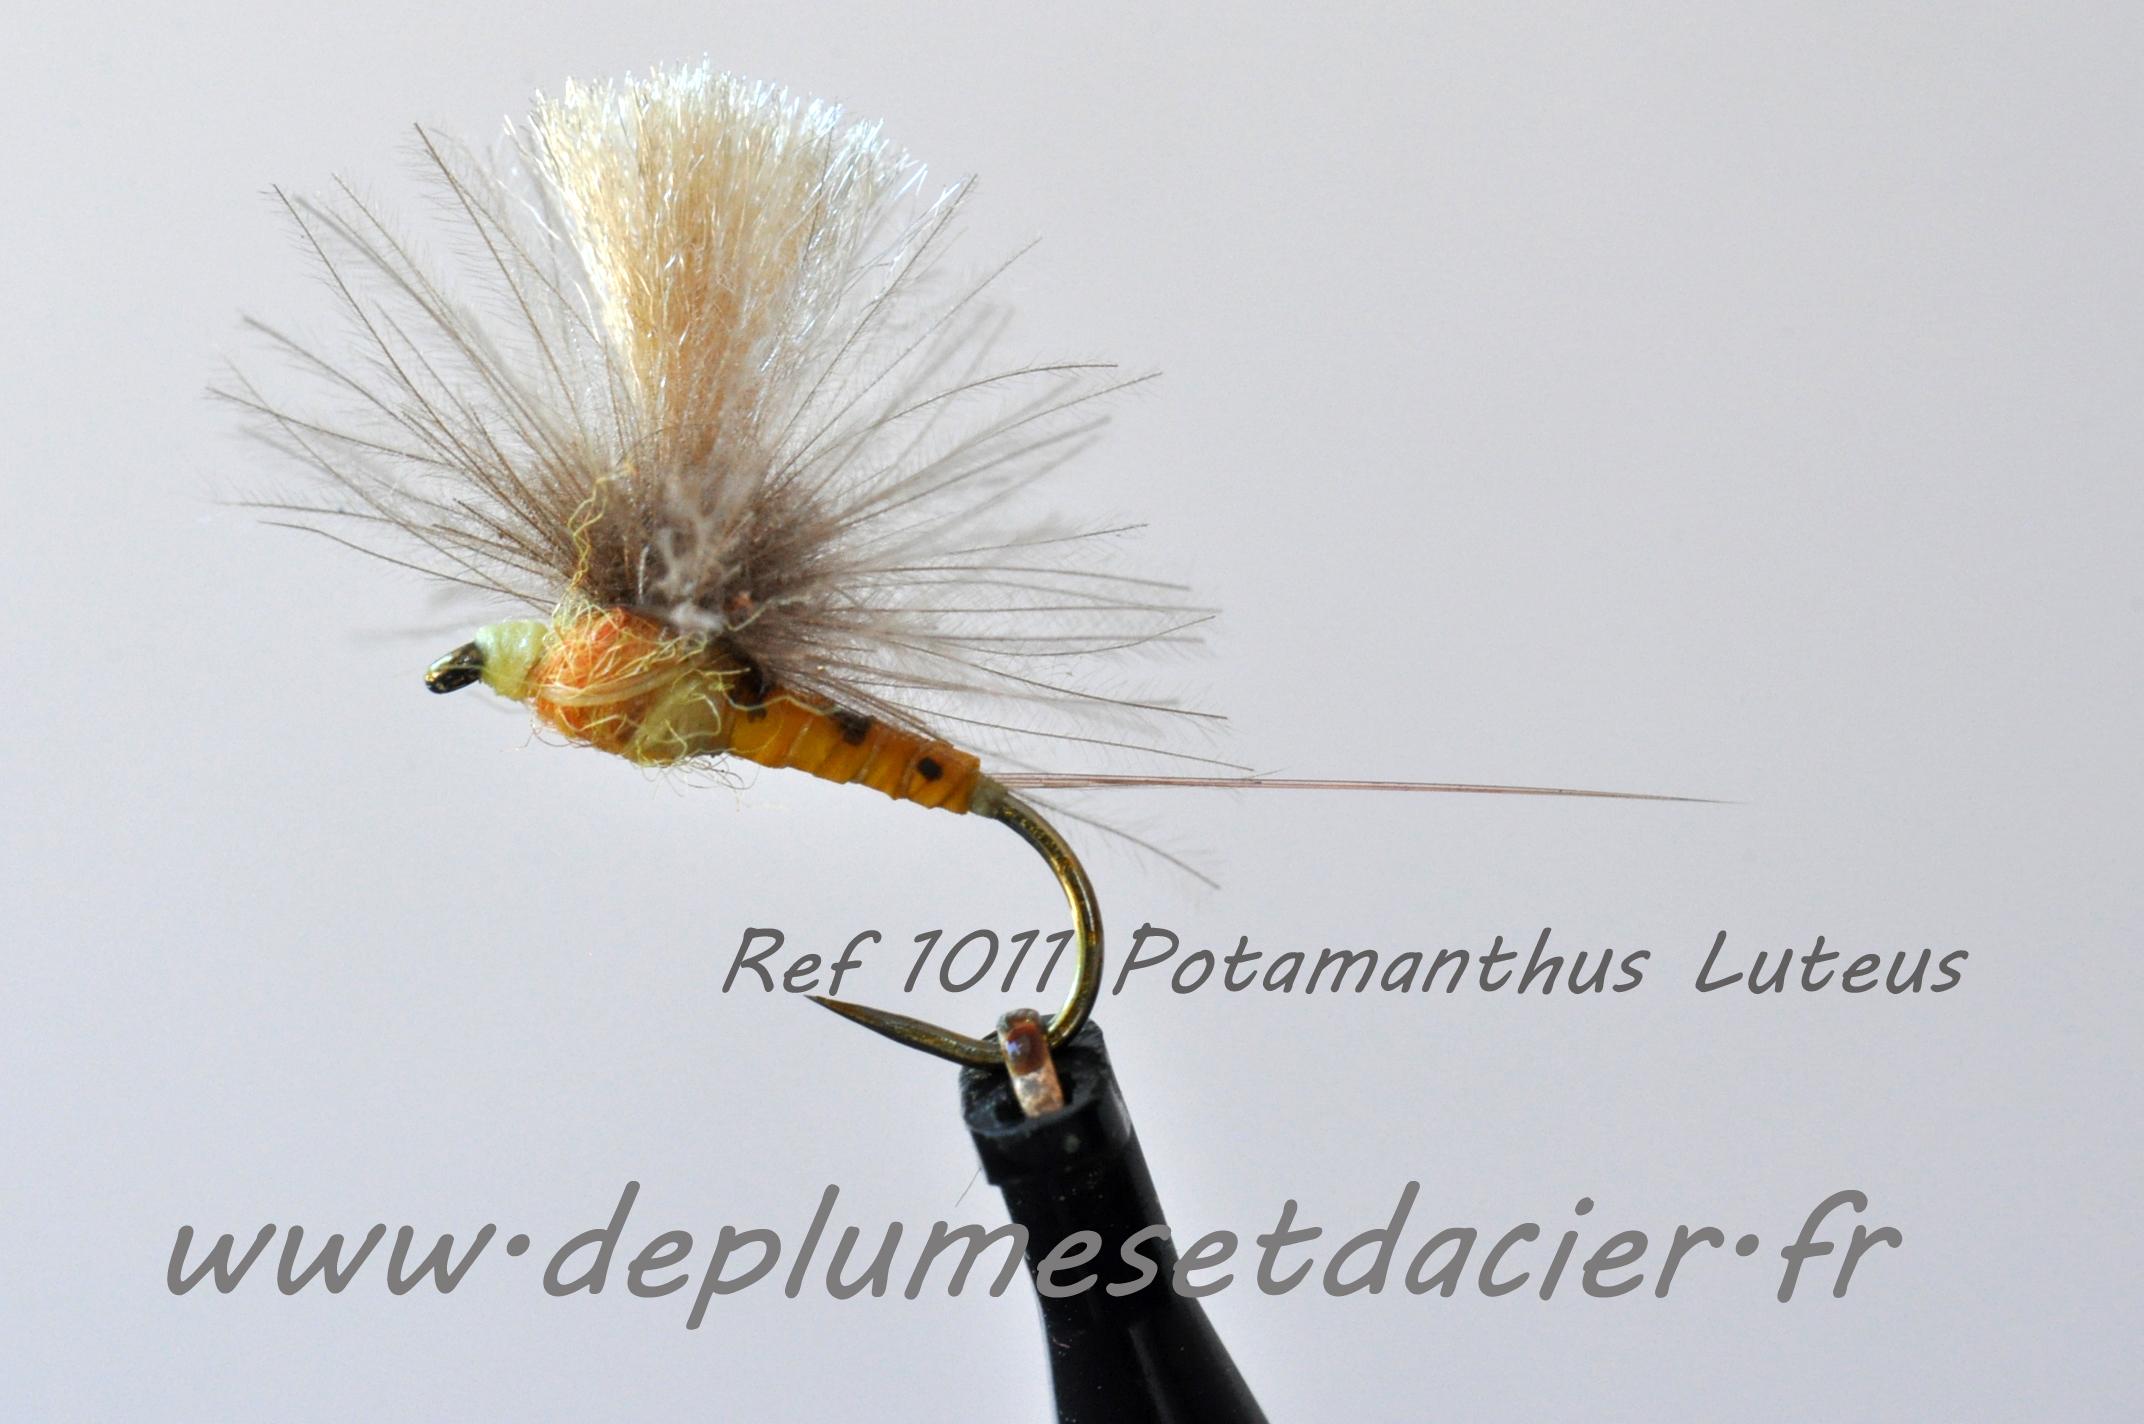 """Mouche pêche """"De plumes et d'acier"""" Potamanthus Luteus"""